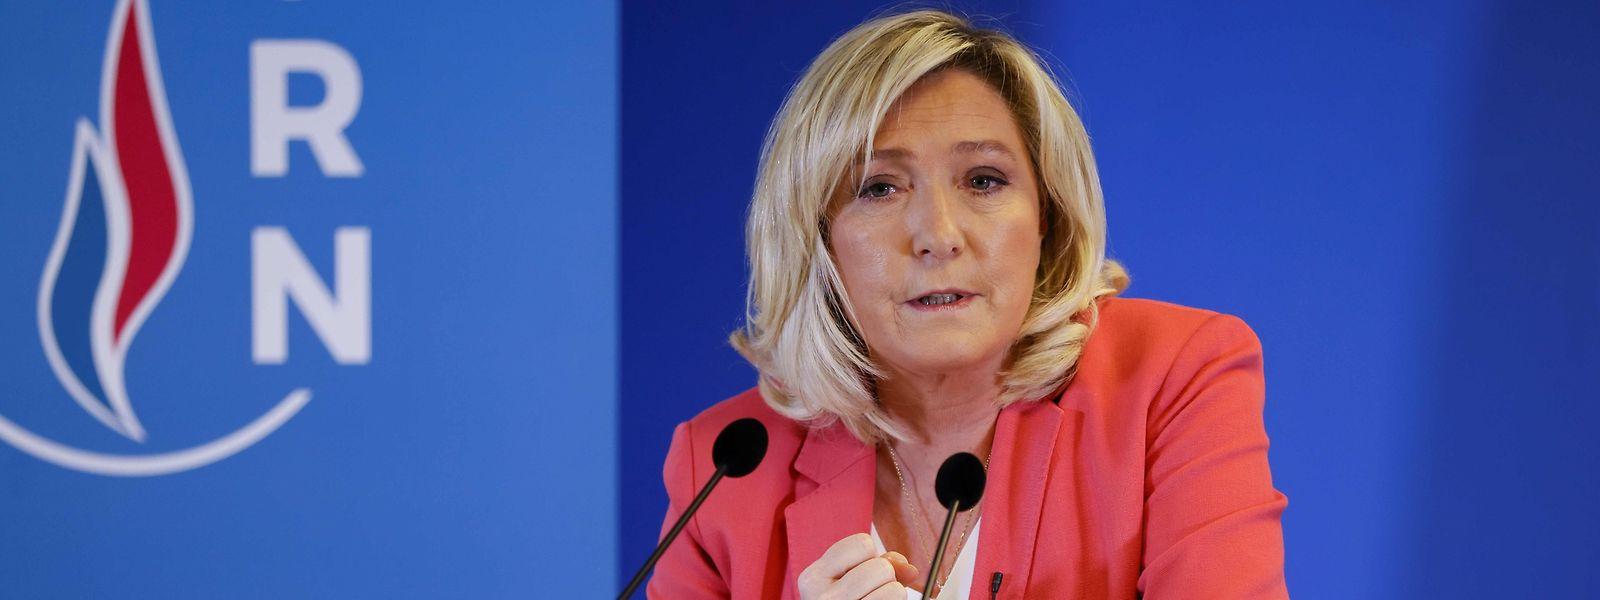 Marine Le Pen, Chefin des rechtspopulistischen Rassemblement National, tritt 2022 zum dritten Mal als Präsidentschaftskandidatin an.